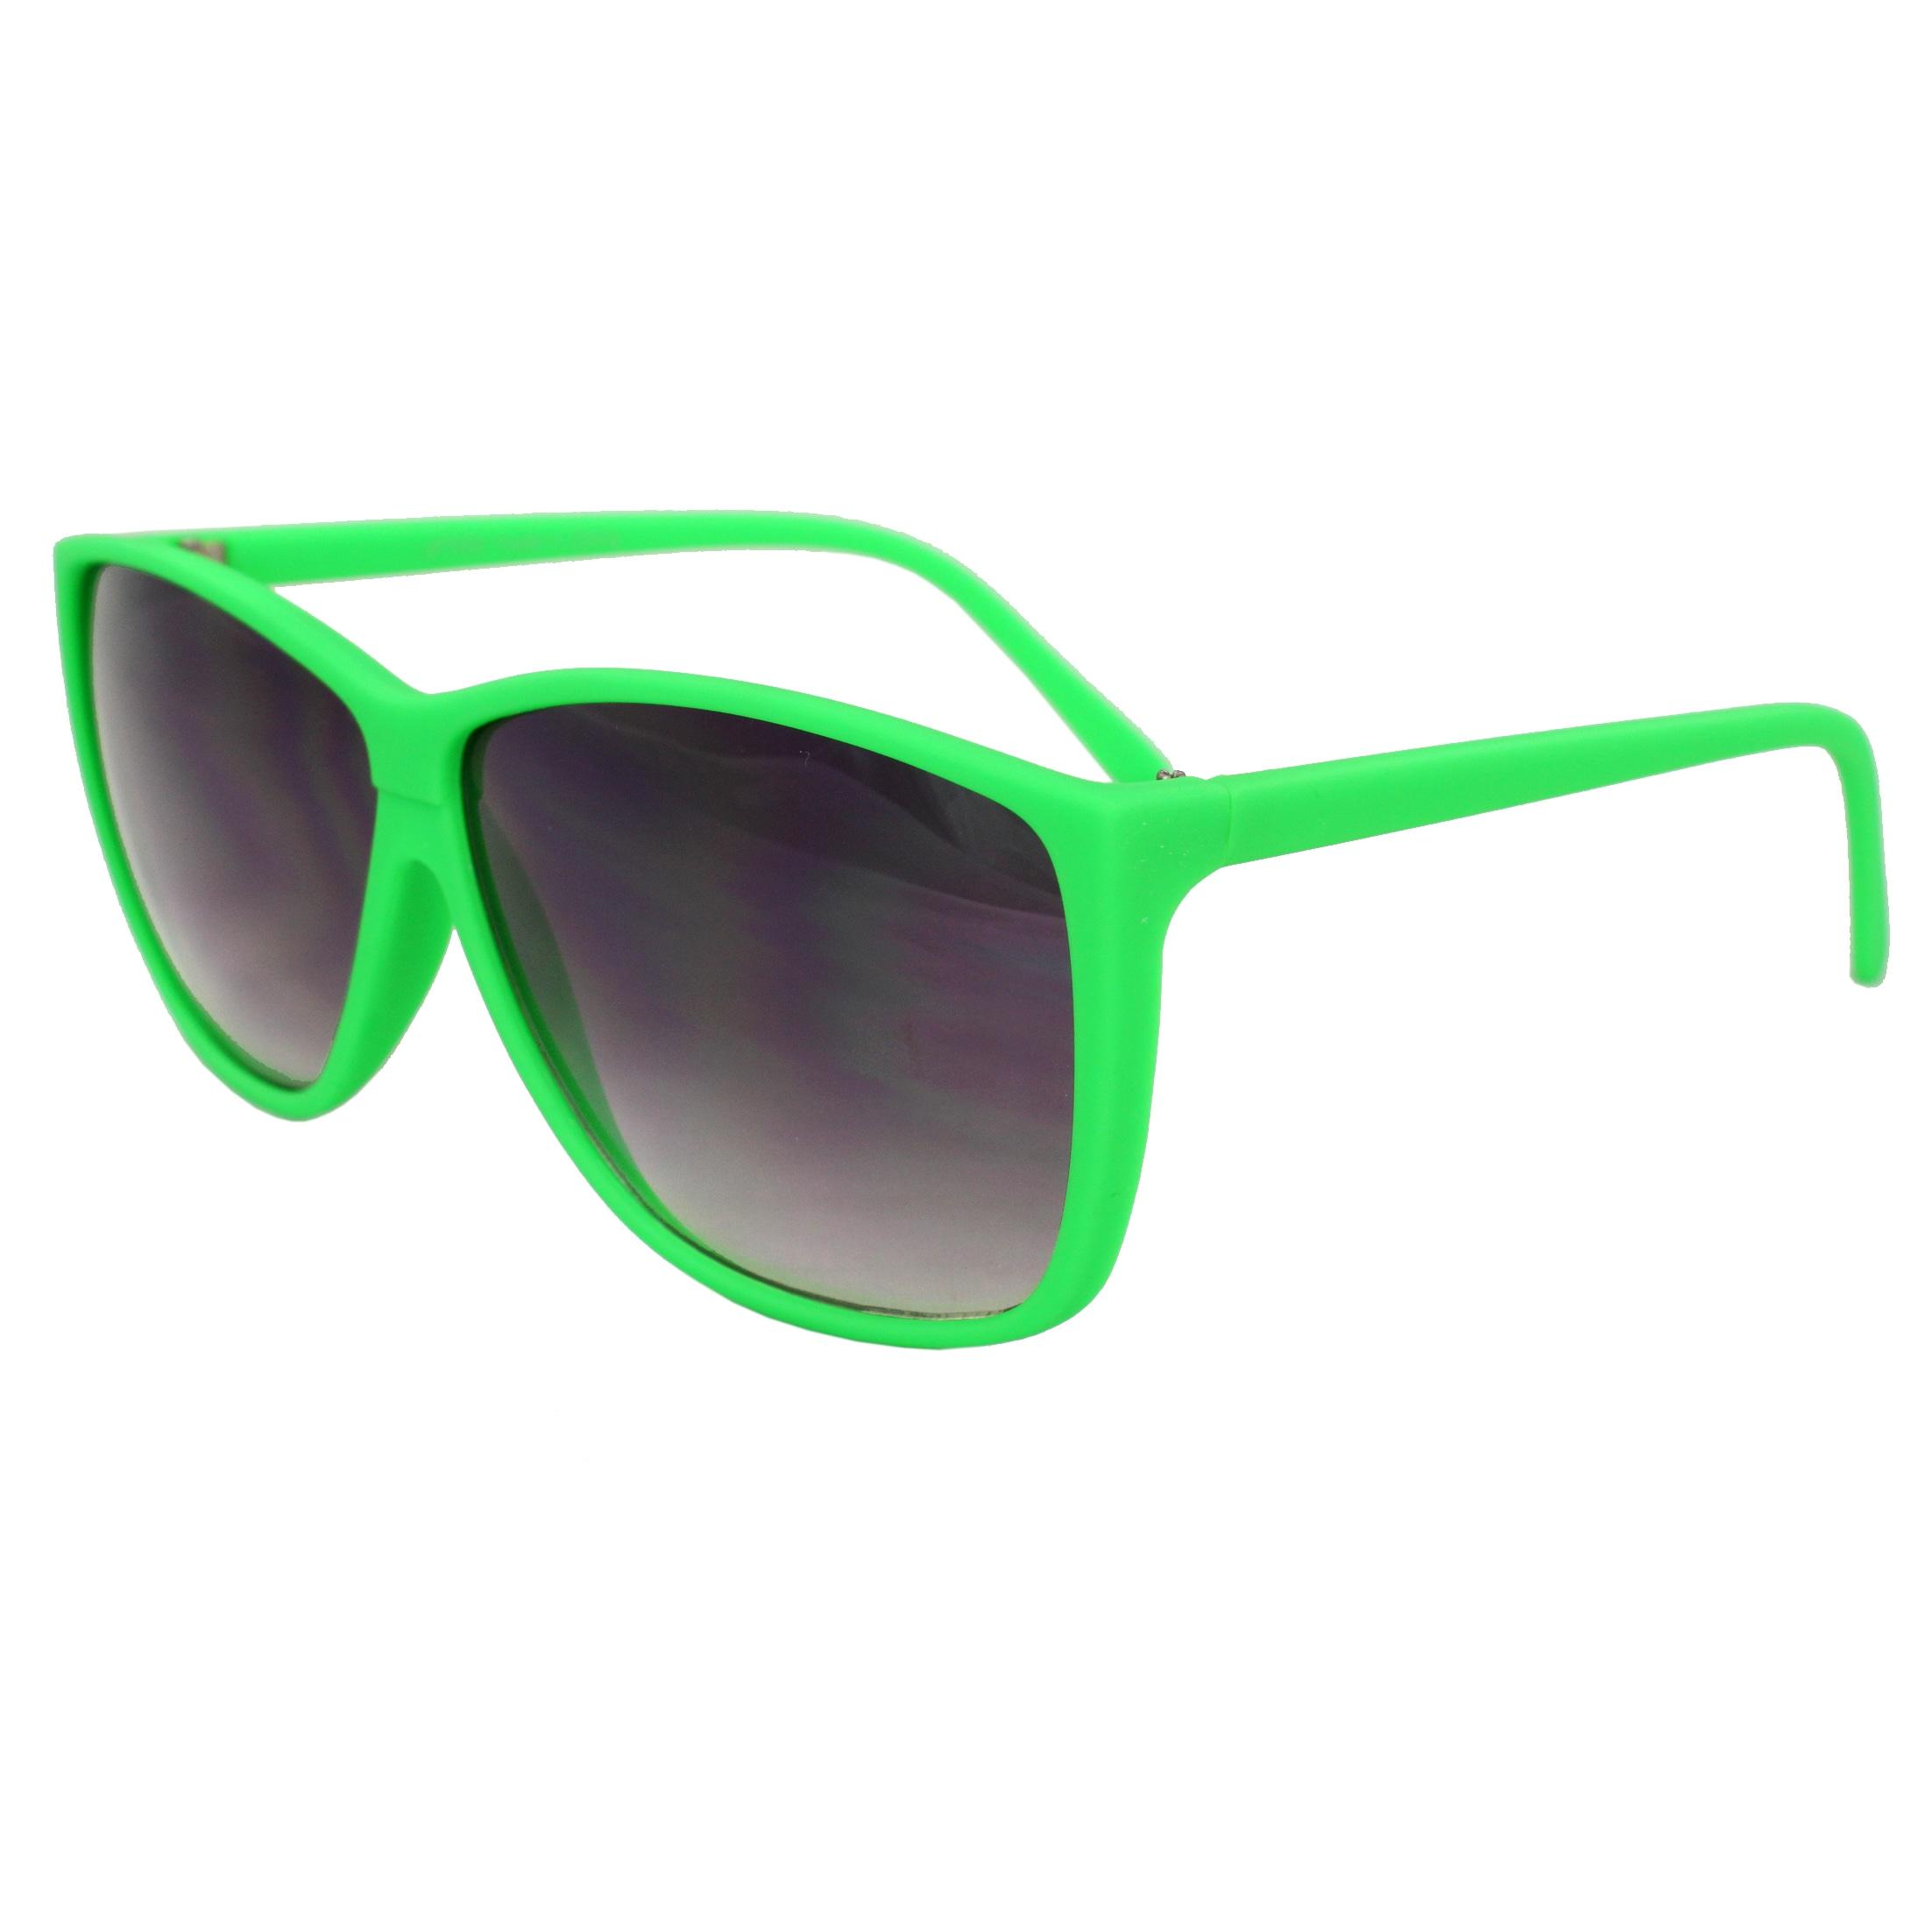 Women's Green Square Fashion Sunglasses